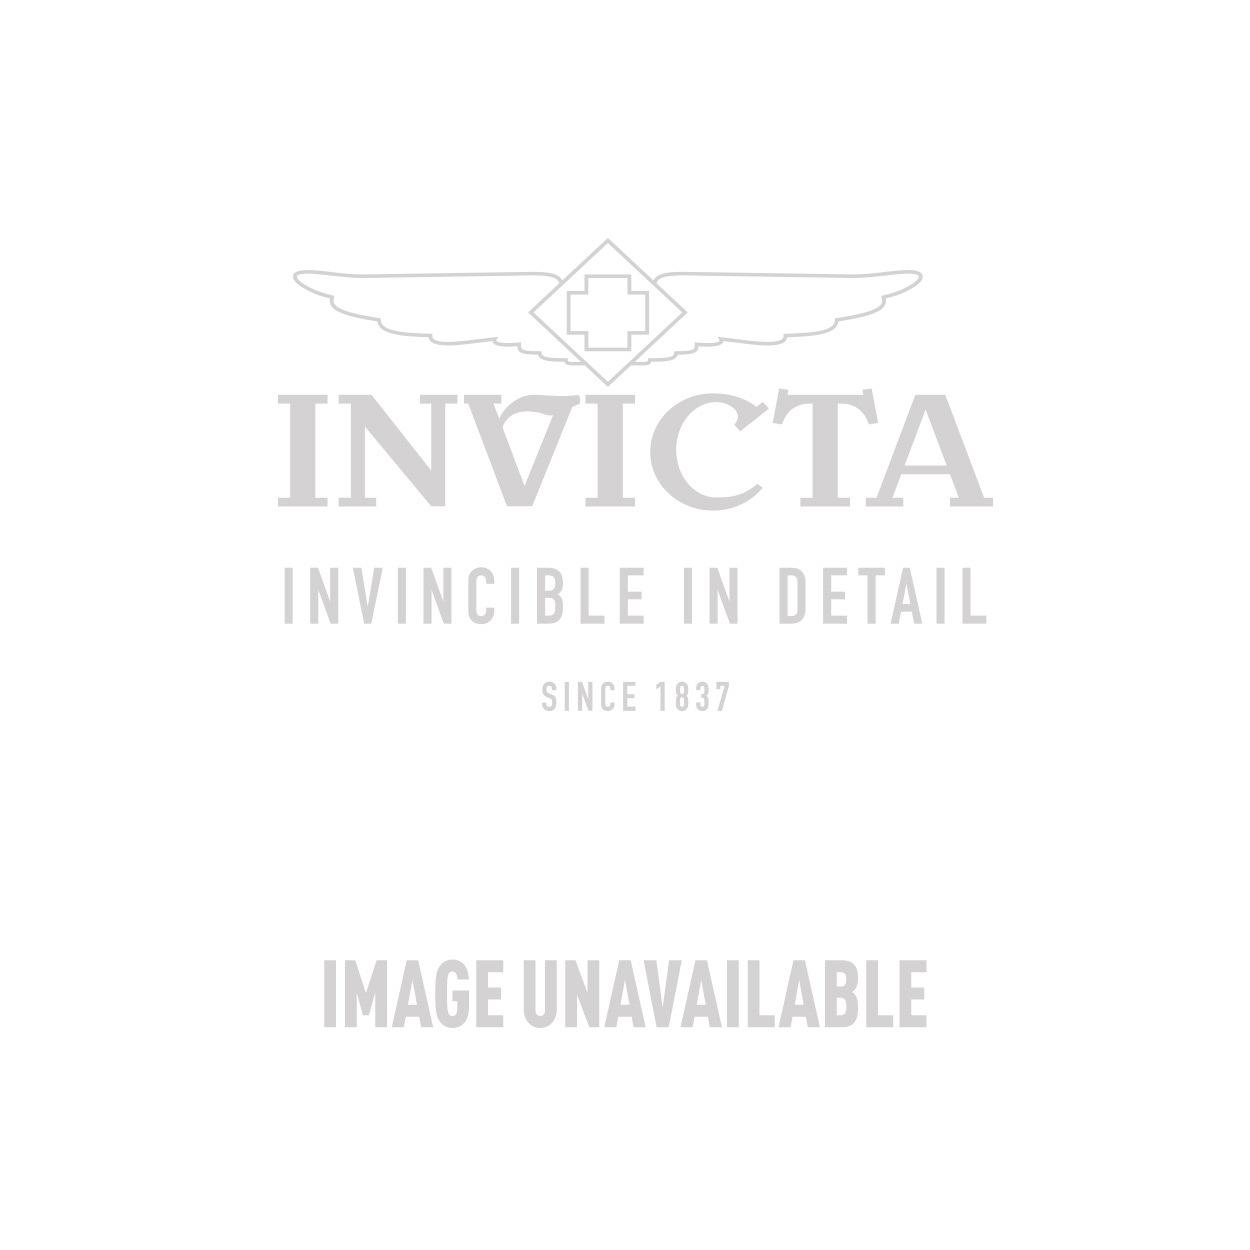 Invicta Model 23101